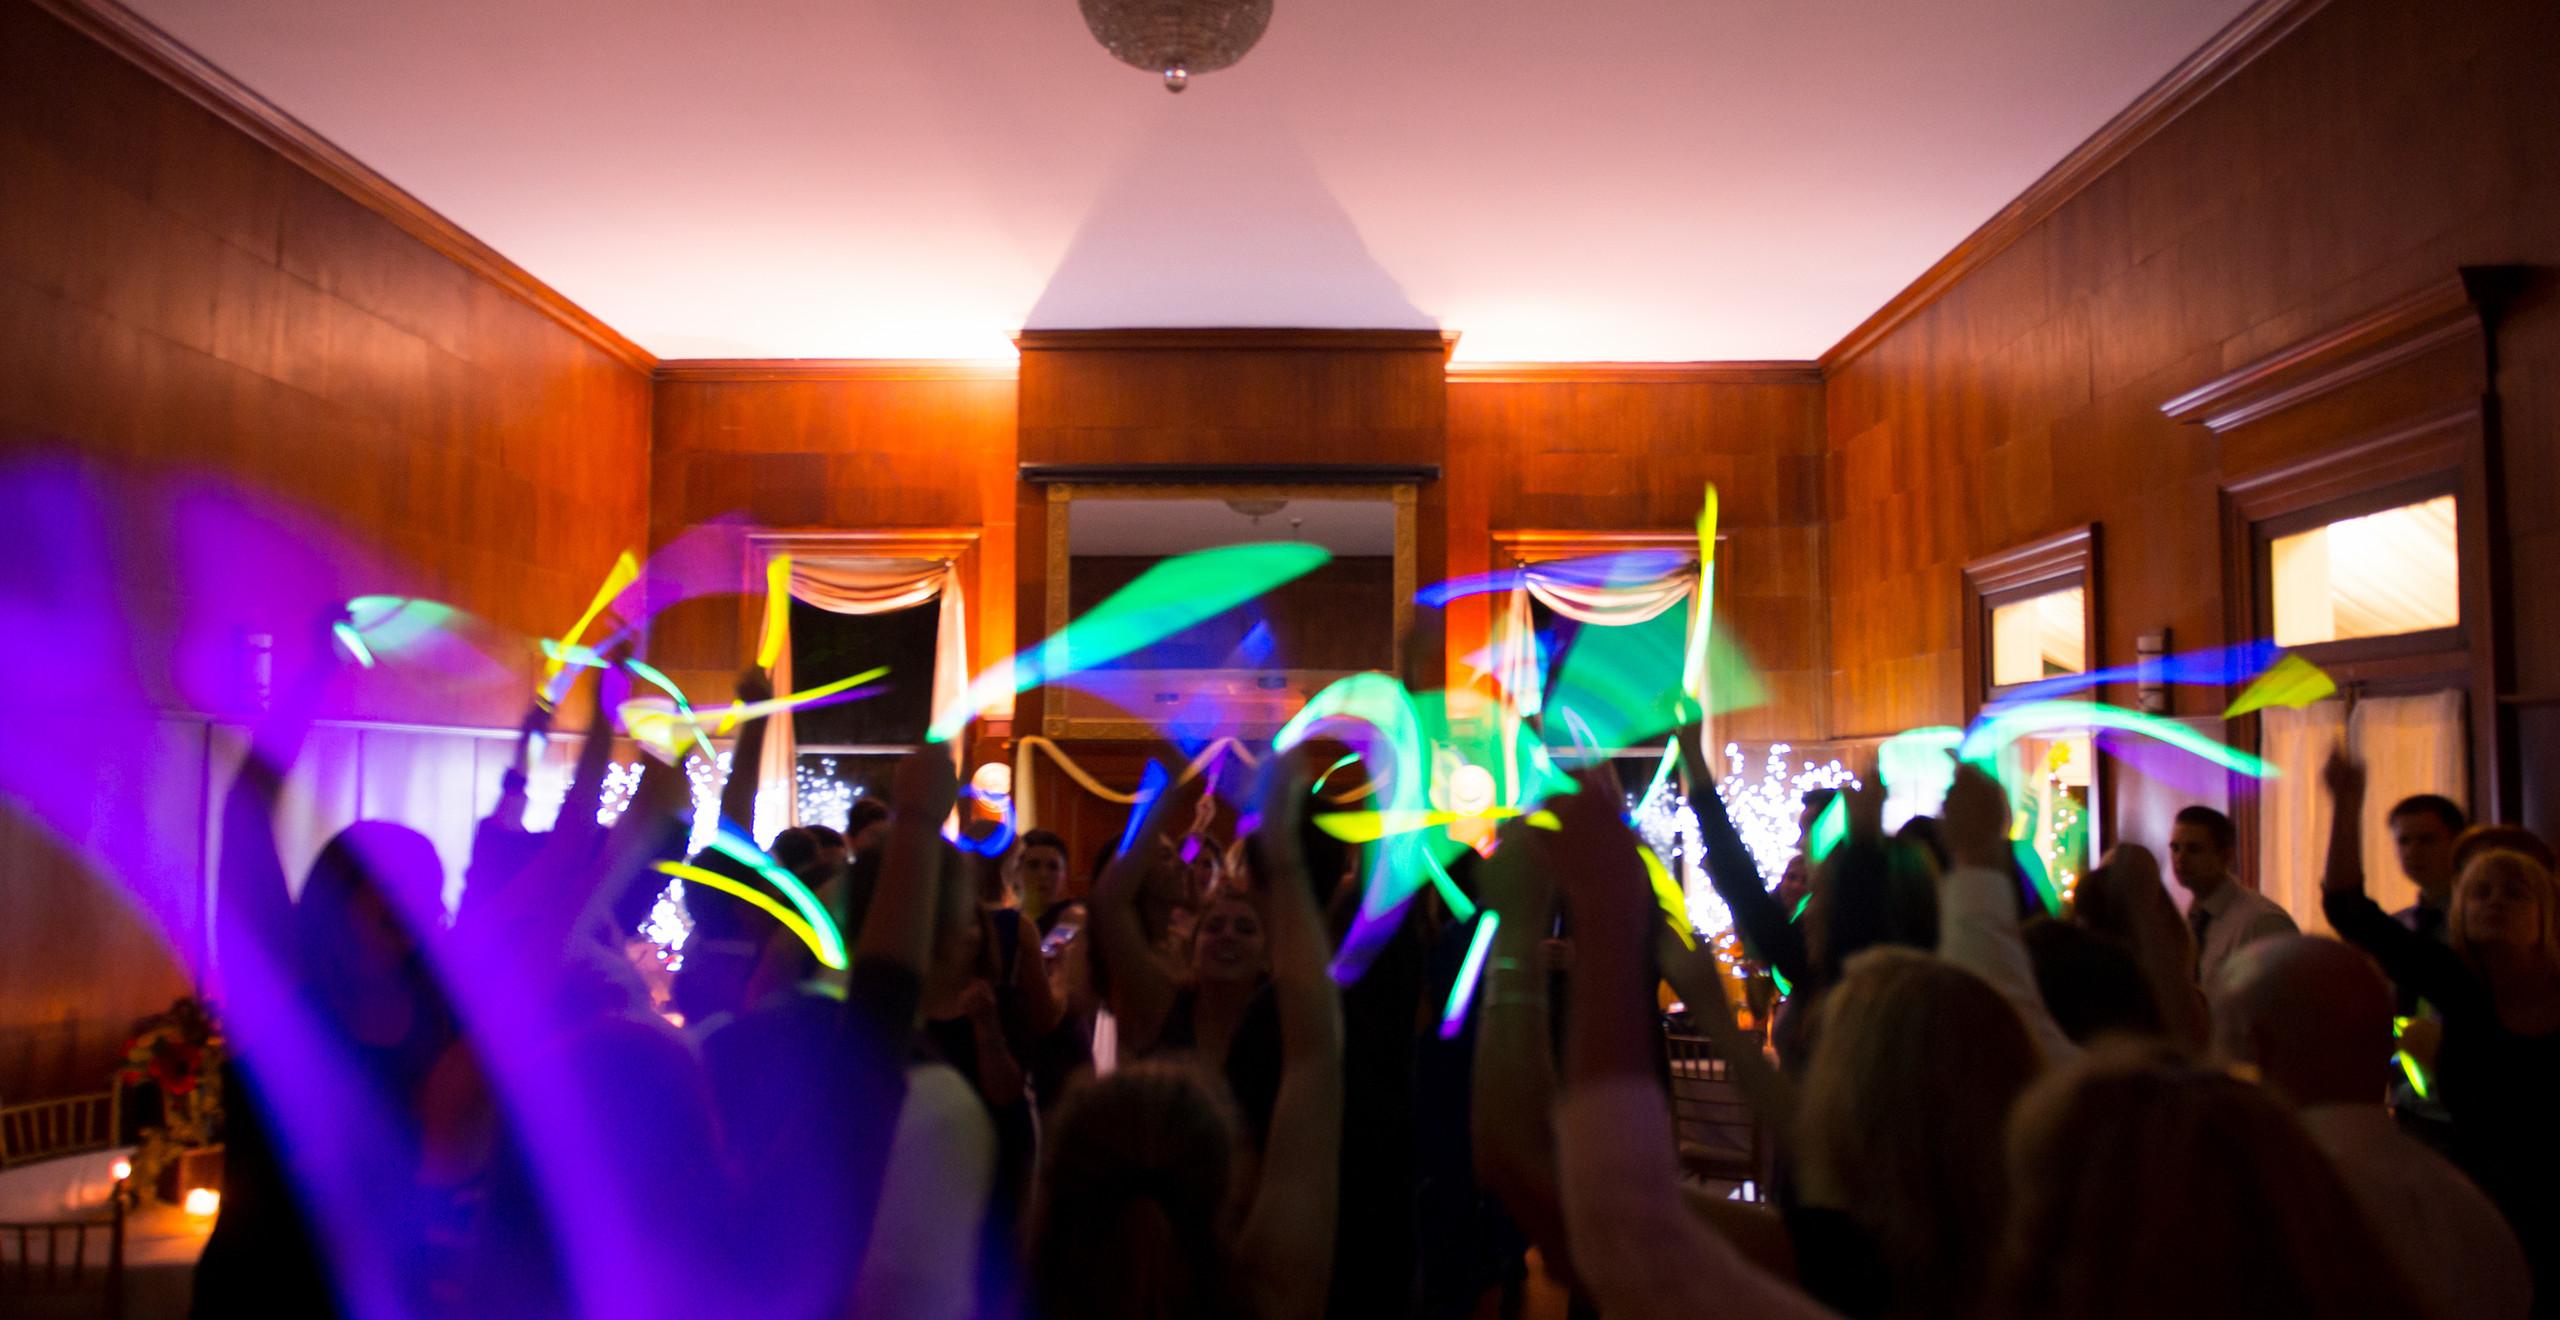 glow sticks waved around during dancing at wedding